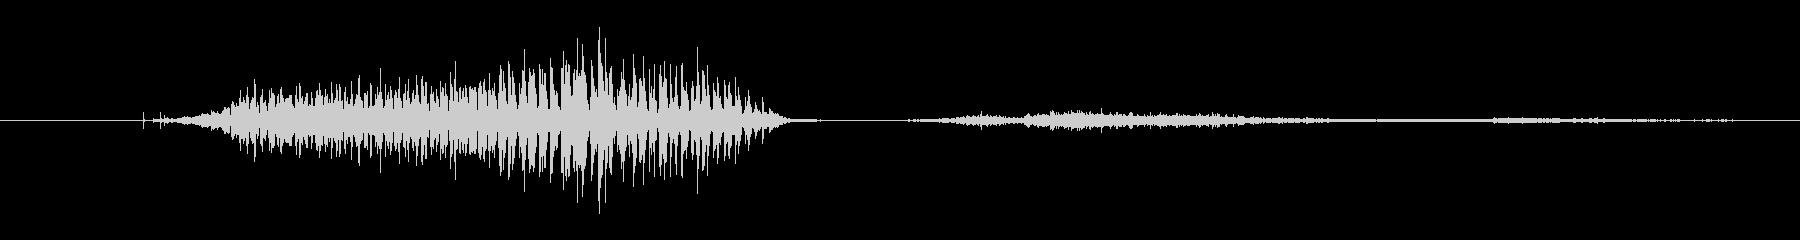 鳴き声 ビッググランティングナーリ...の未再生の波形